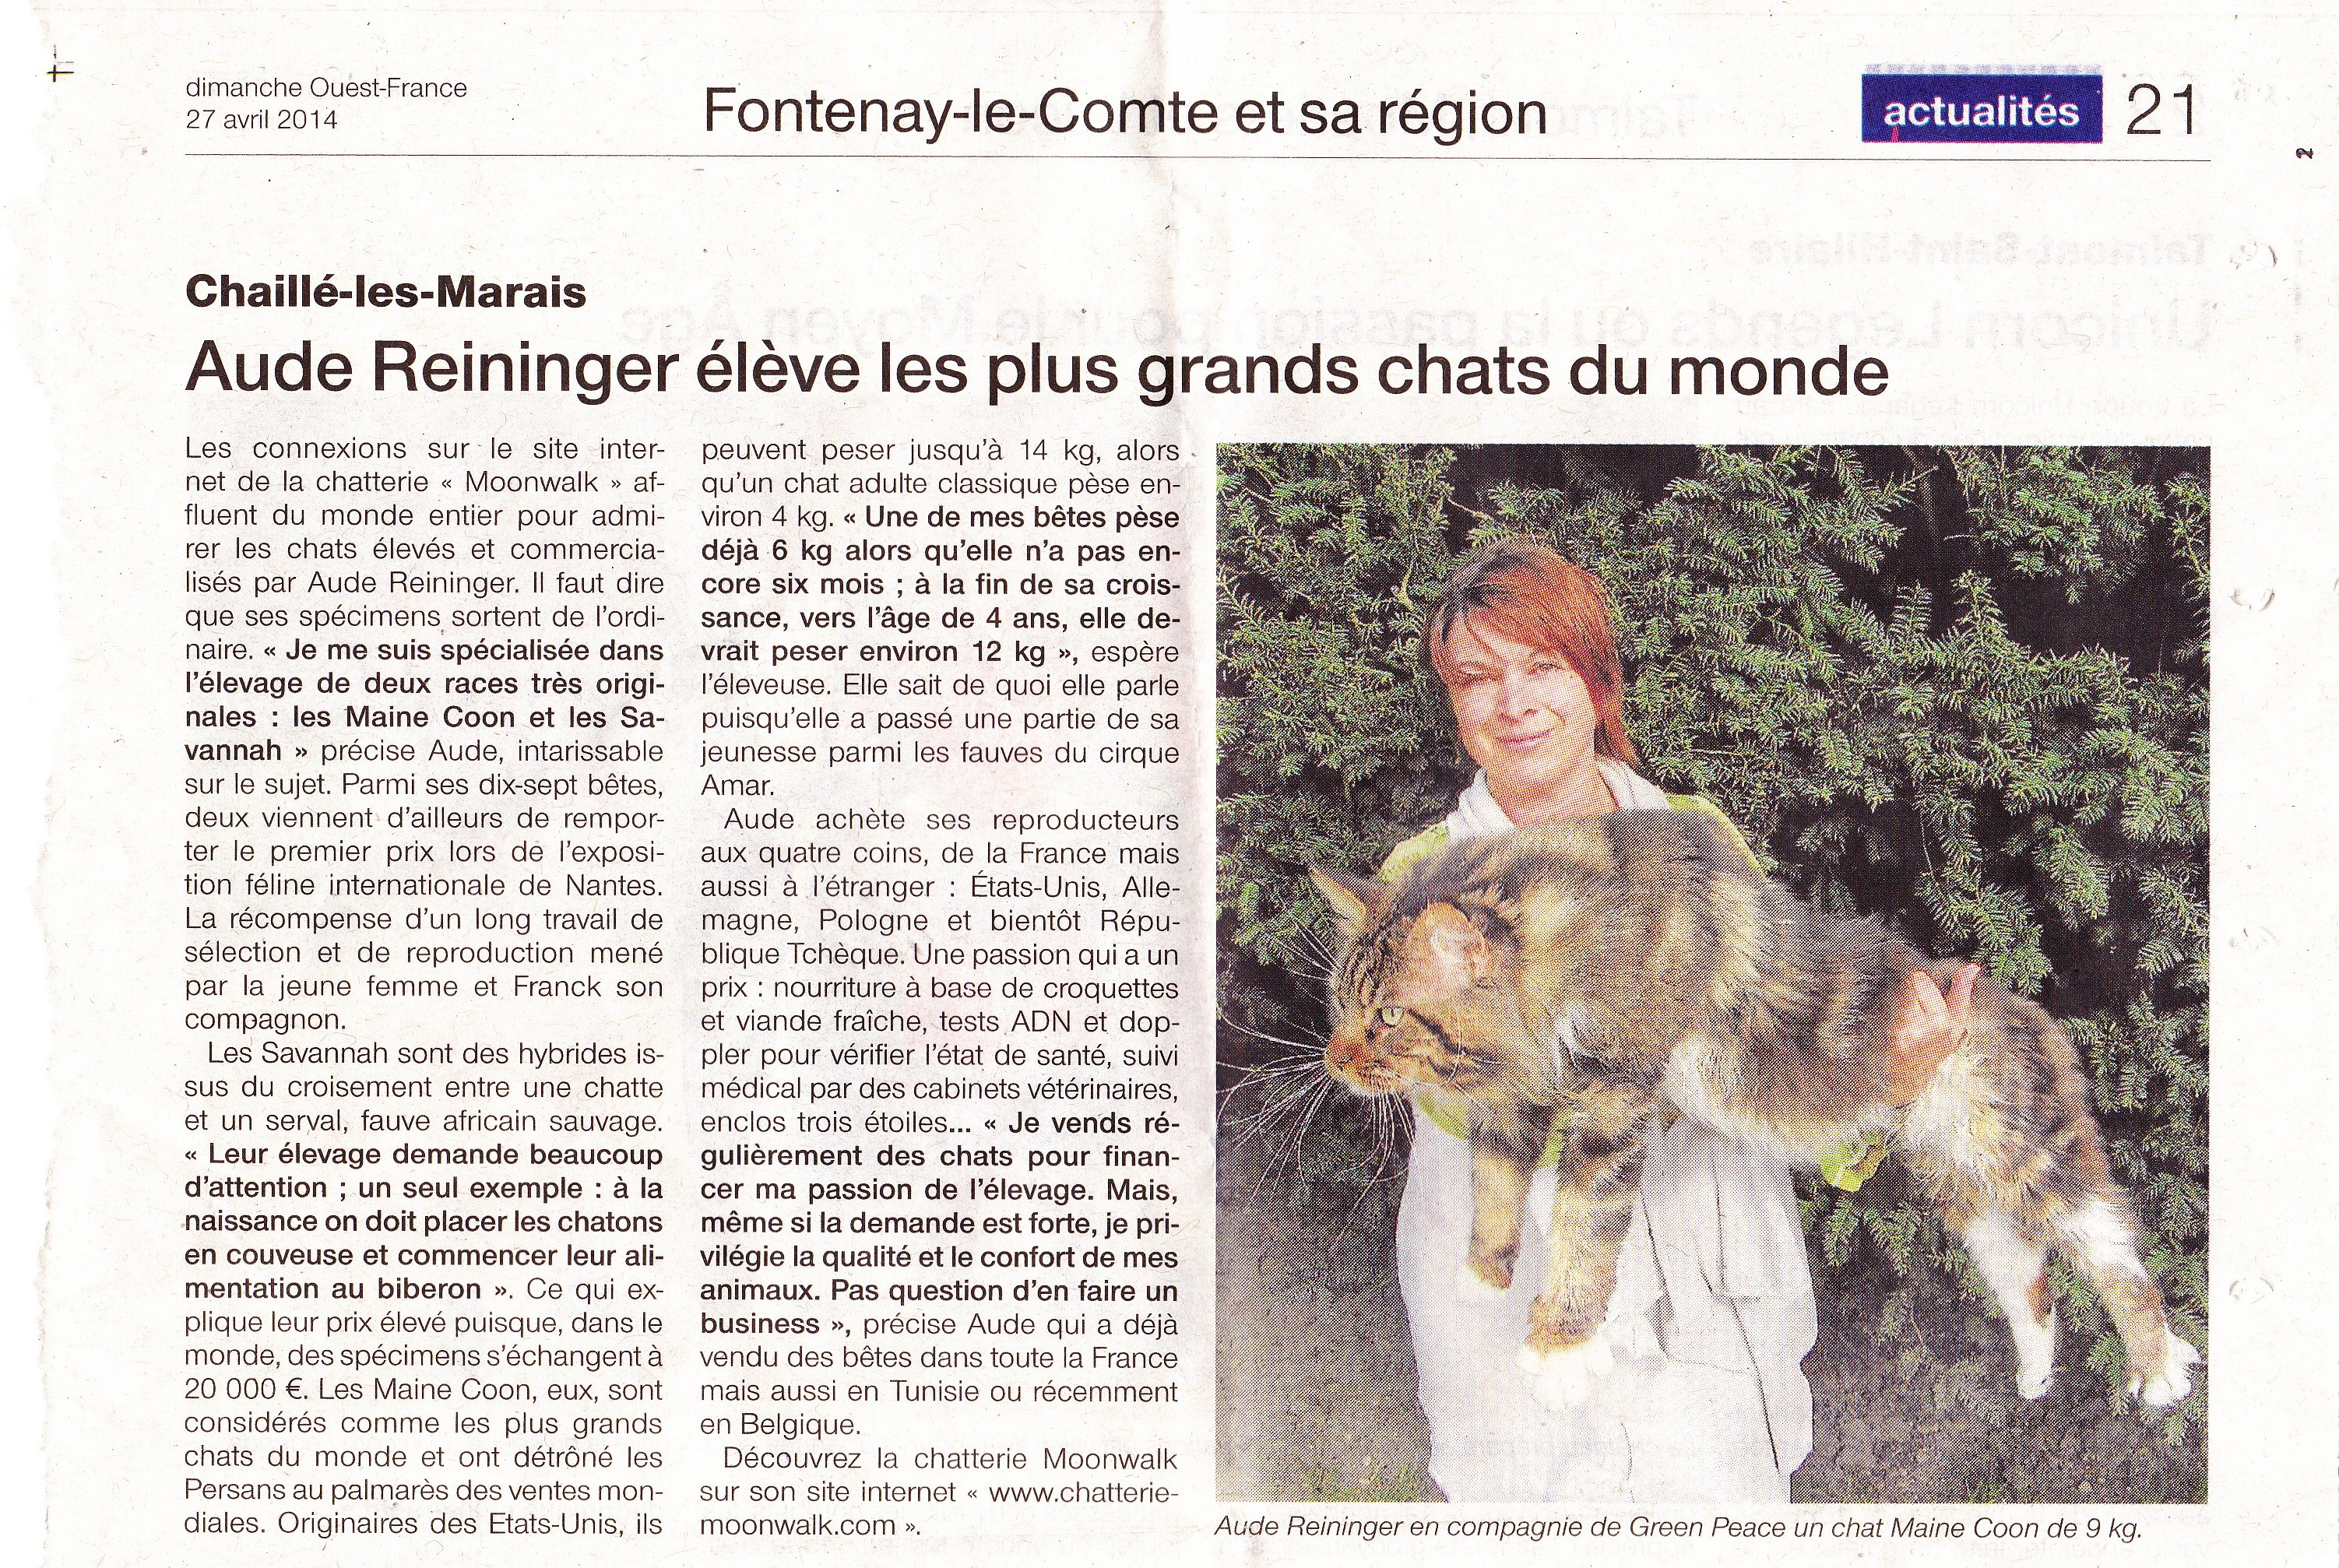 Le journal ouest france visite la chatterie moonwalk article du dimanche 27 avril 2014 - Ouest france le journal gratuit ...